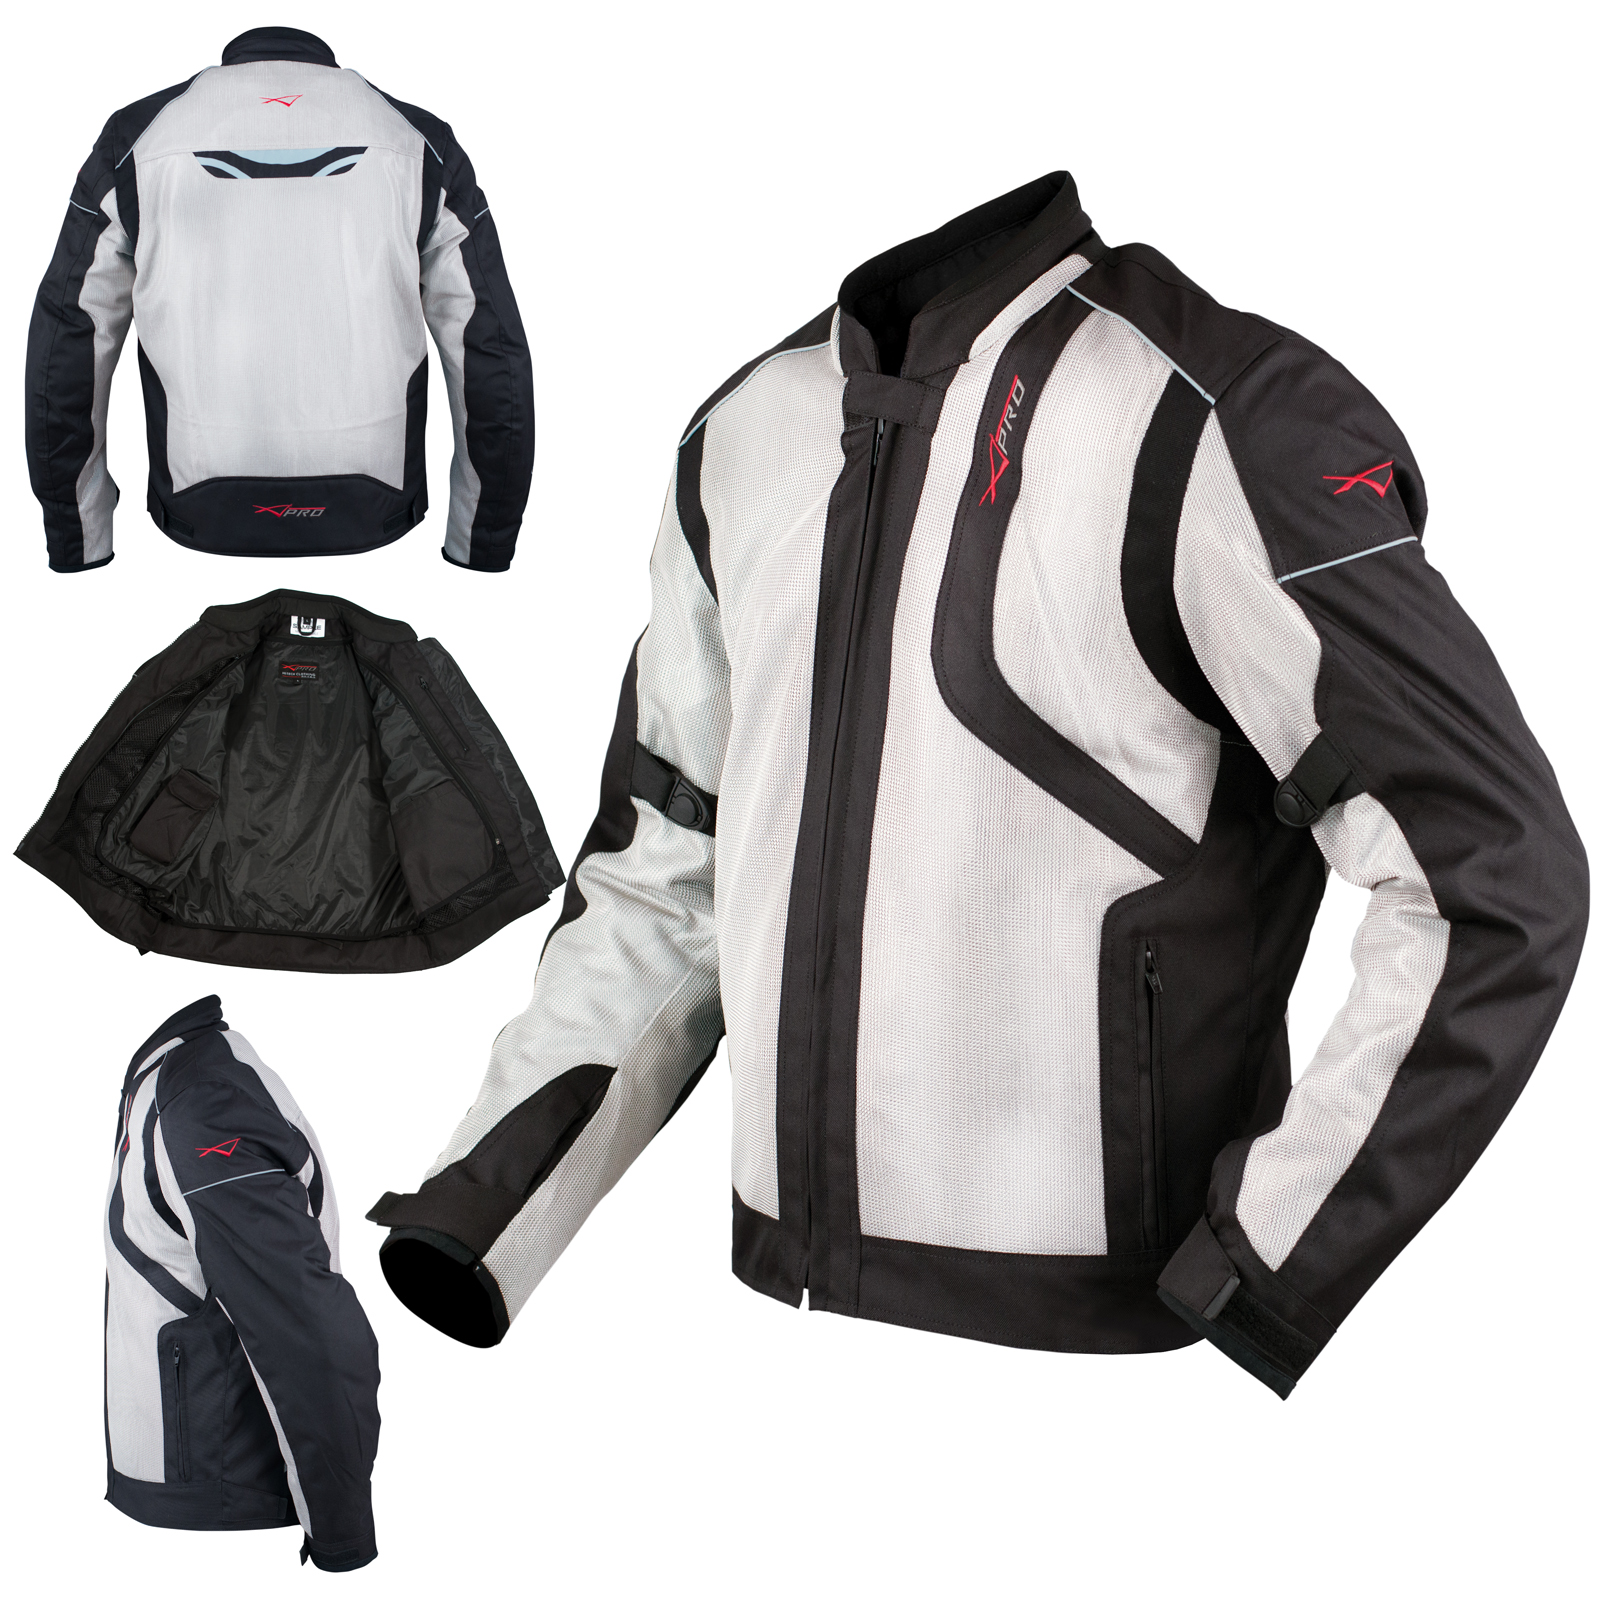 Chaqueta-Moto-Sport-Impermeable-Ventilada-Protecciones-CE-Scooter